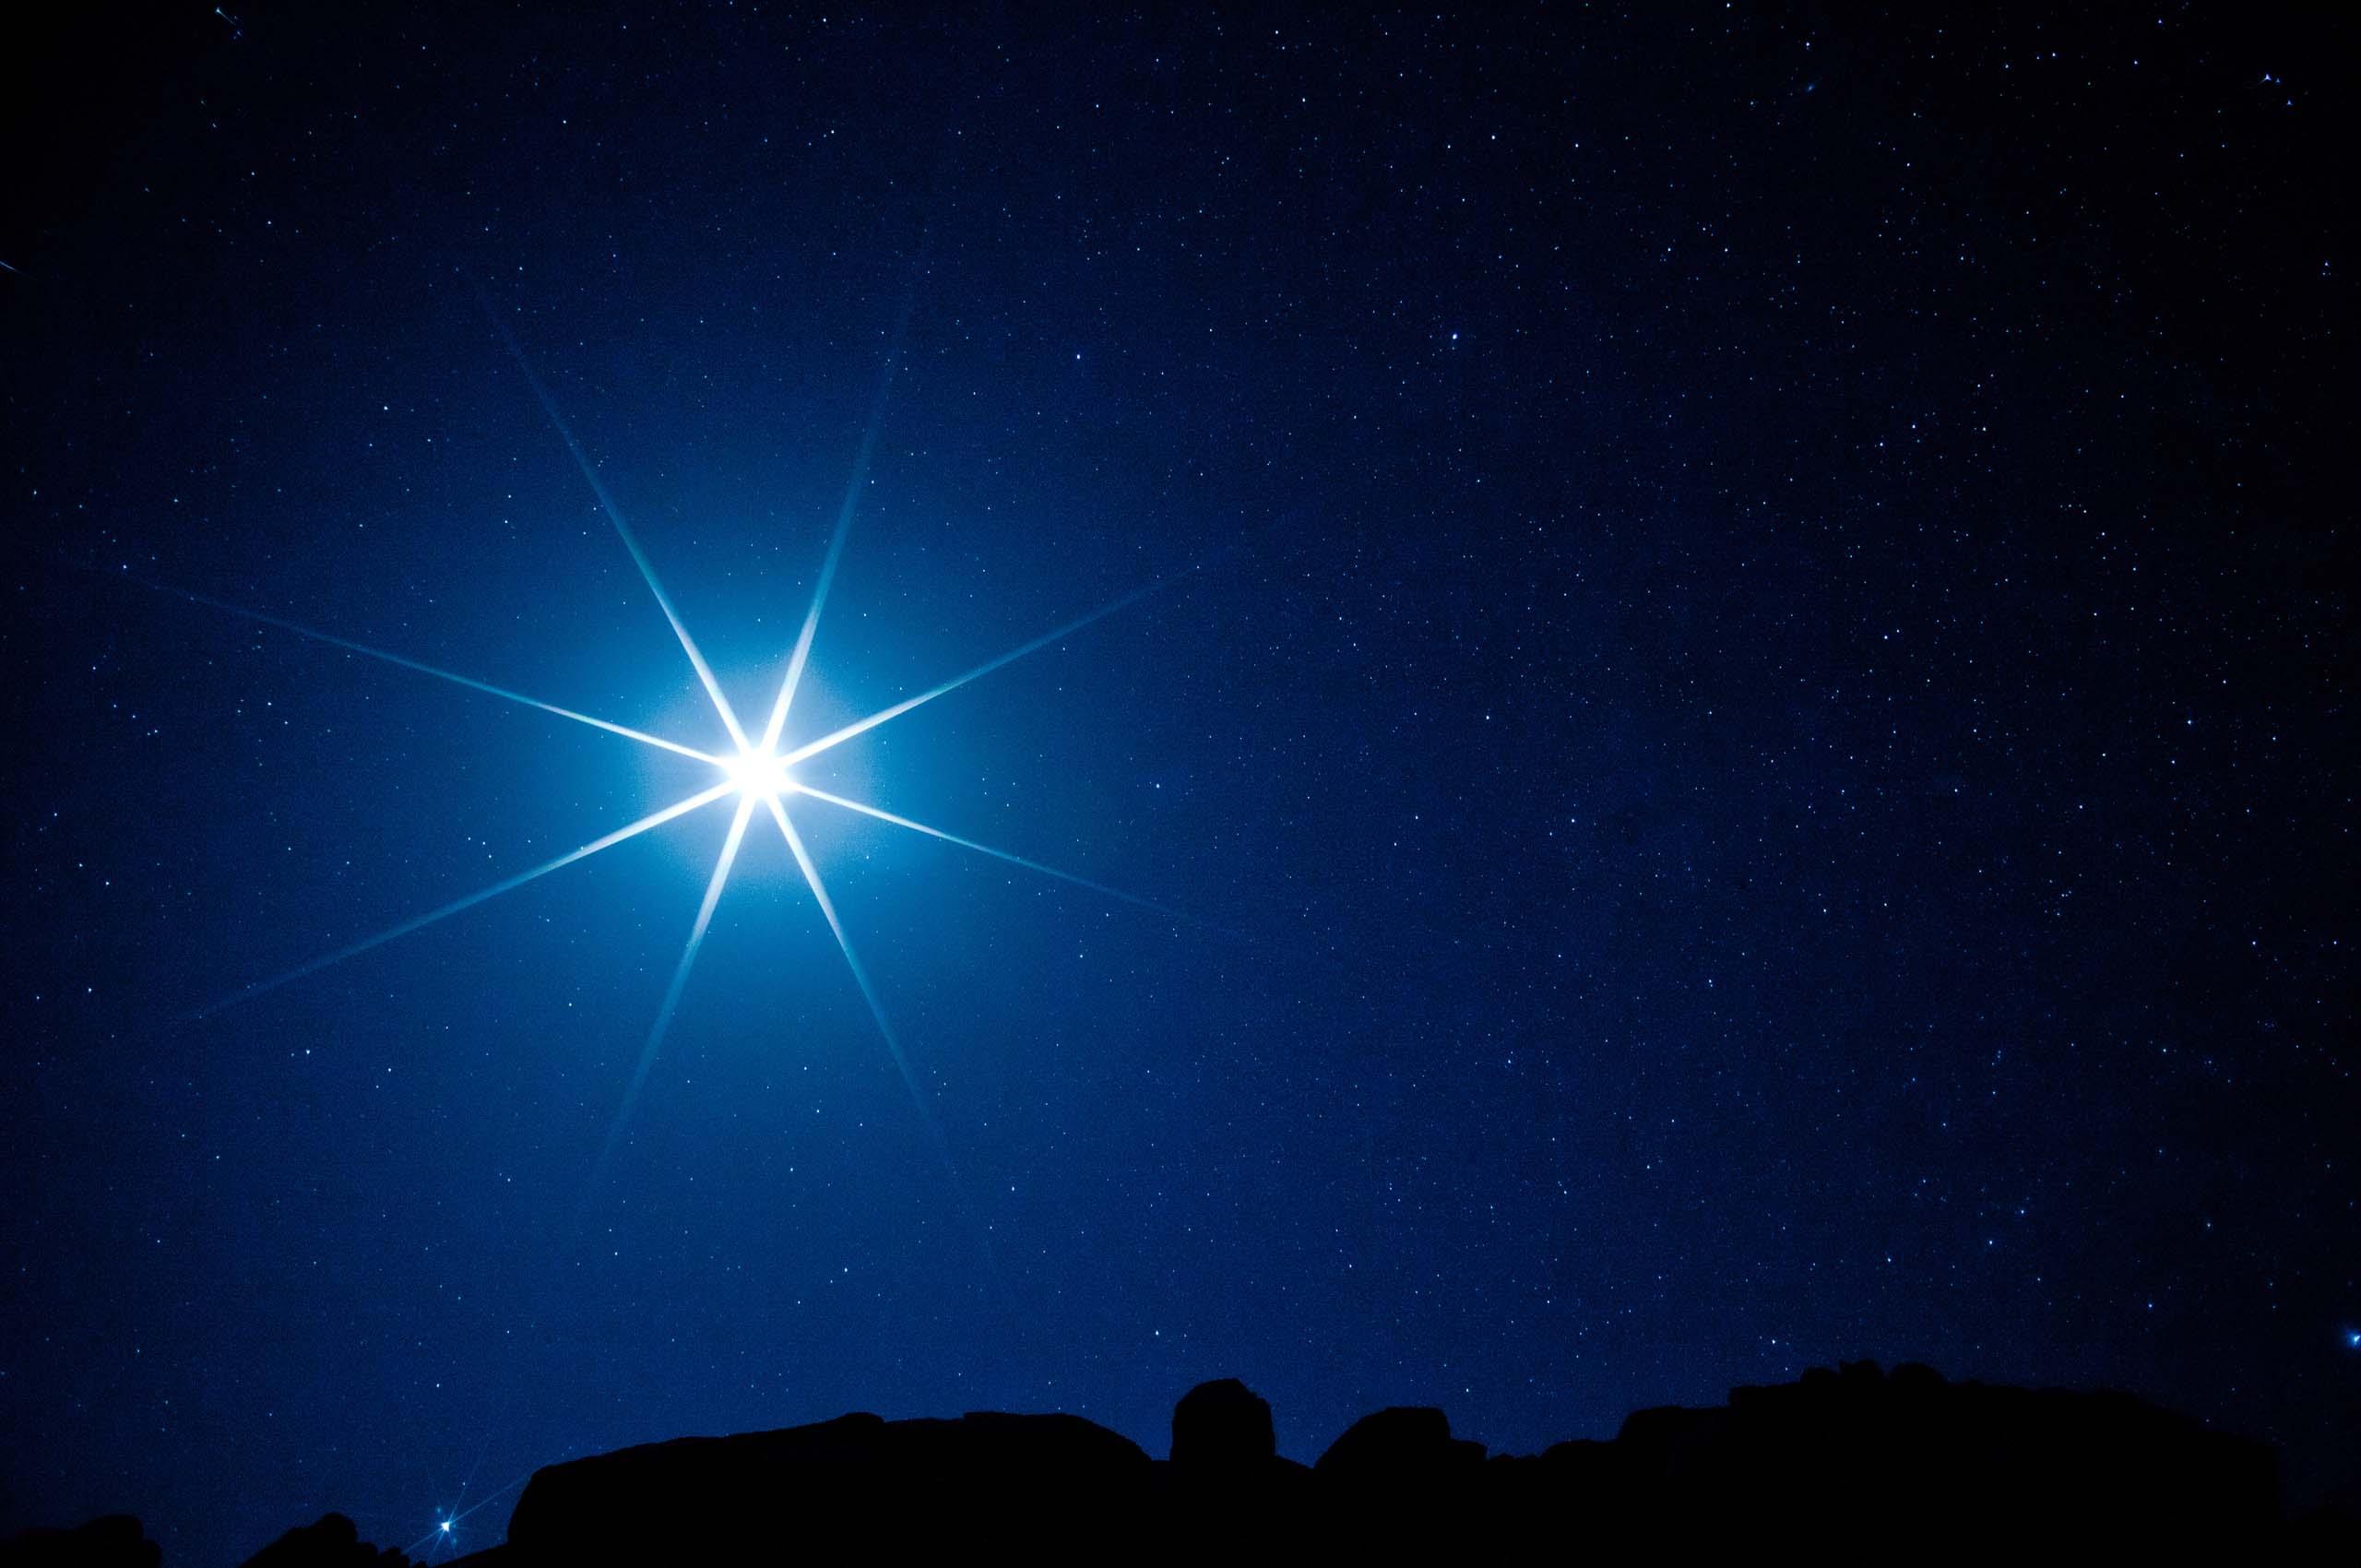 Восьмиконечная Звезда. Картинка кликабельна на сайт Стихи.ру